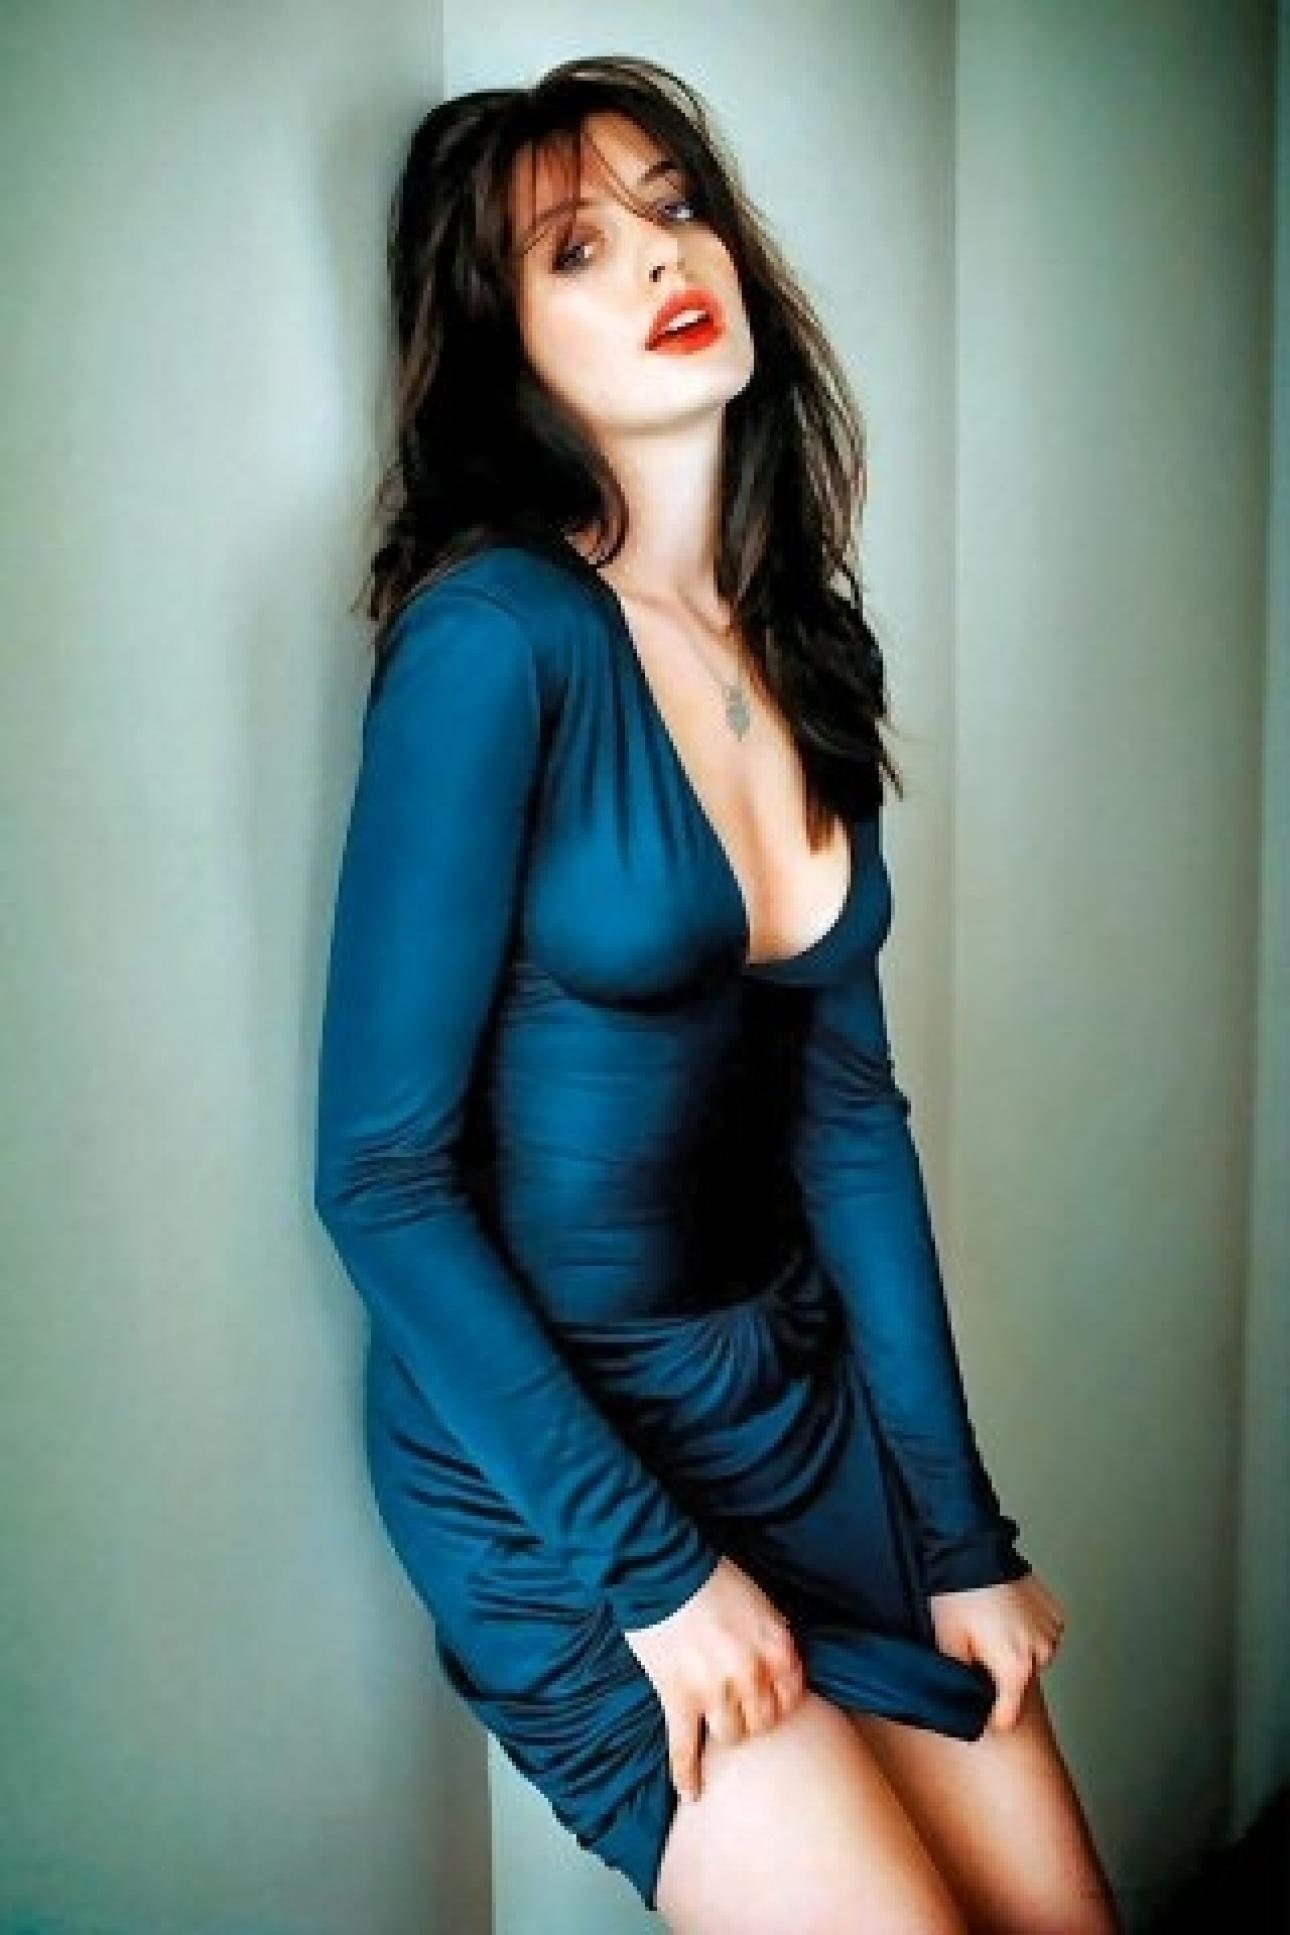 Anne hatheway sexy